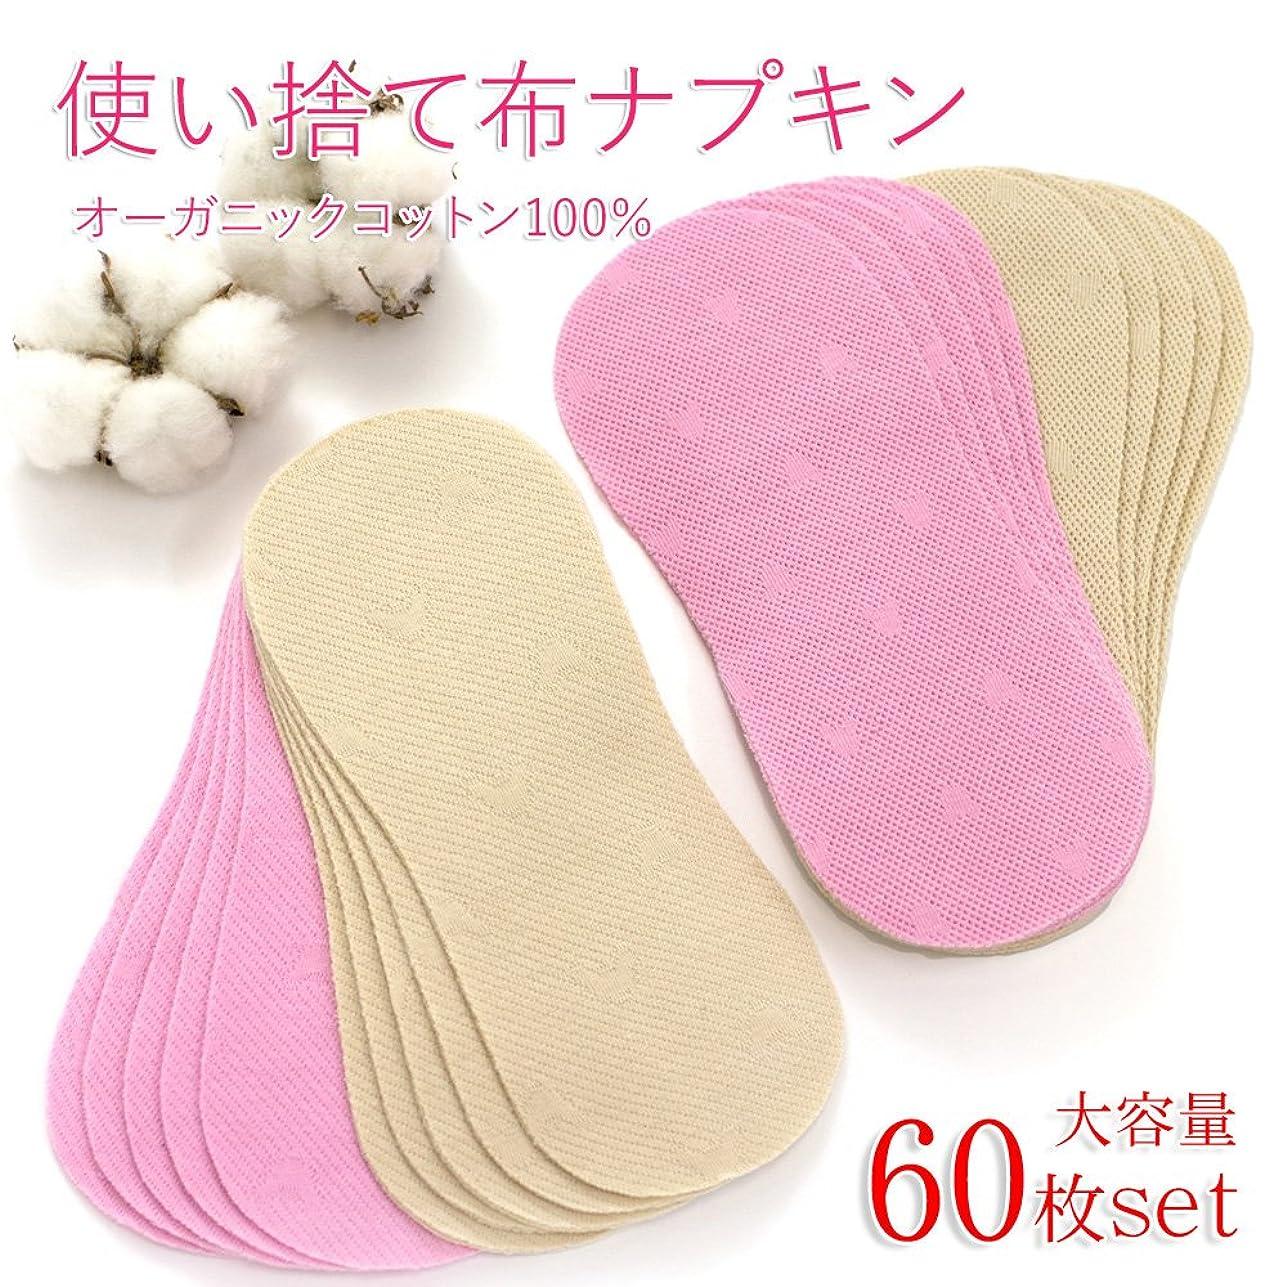 伝染病アーサーコナンドイル金属オーガニックコットン100%使い捨て布ナプキン 大容量60枚入り (さらふわニット:ピンク)